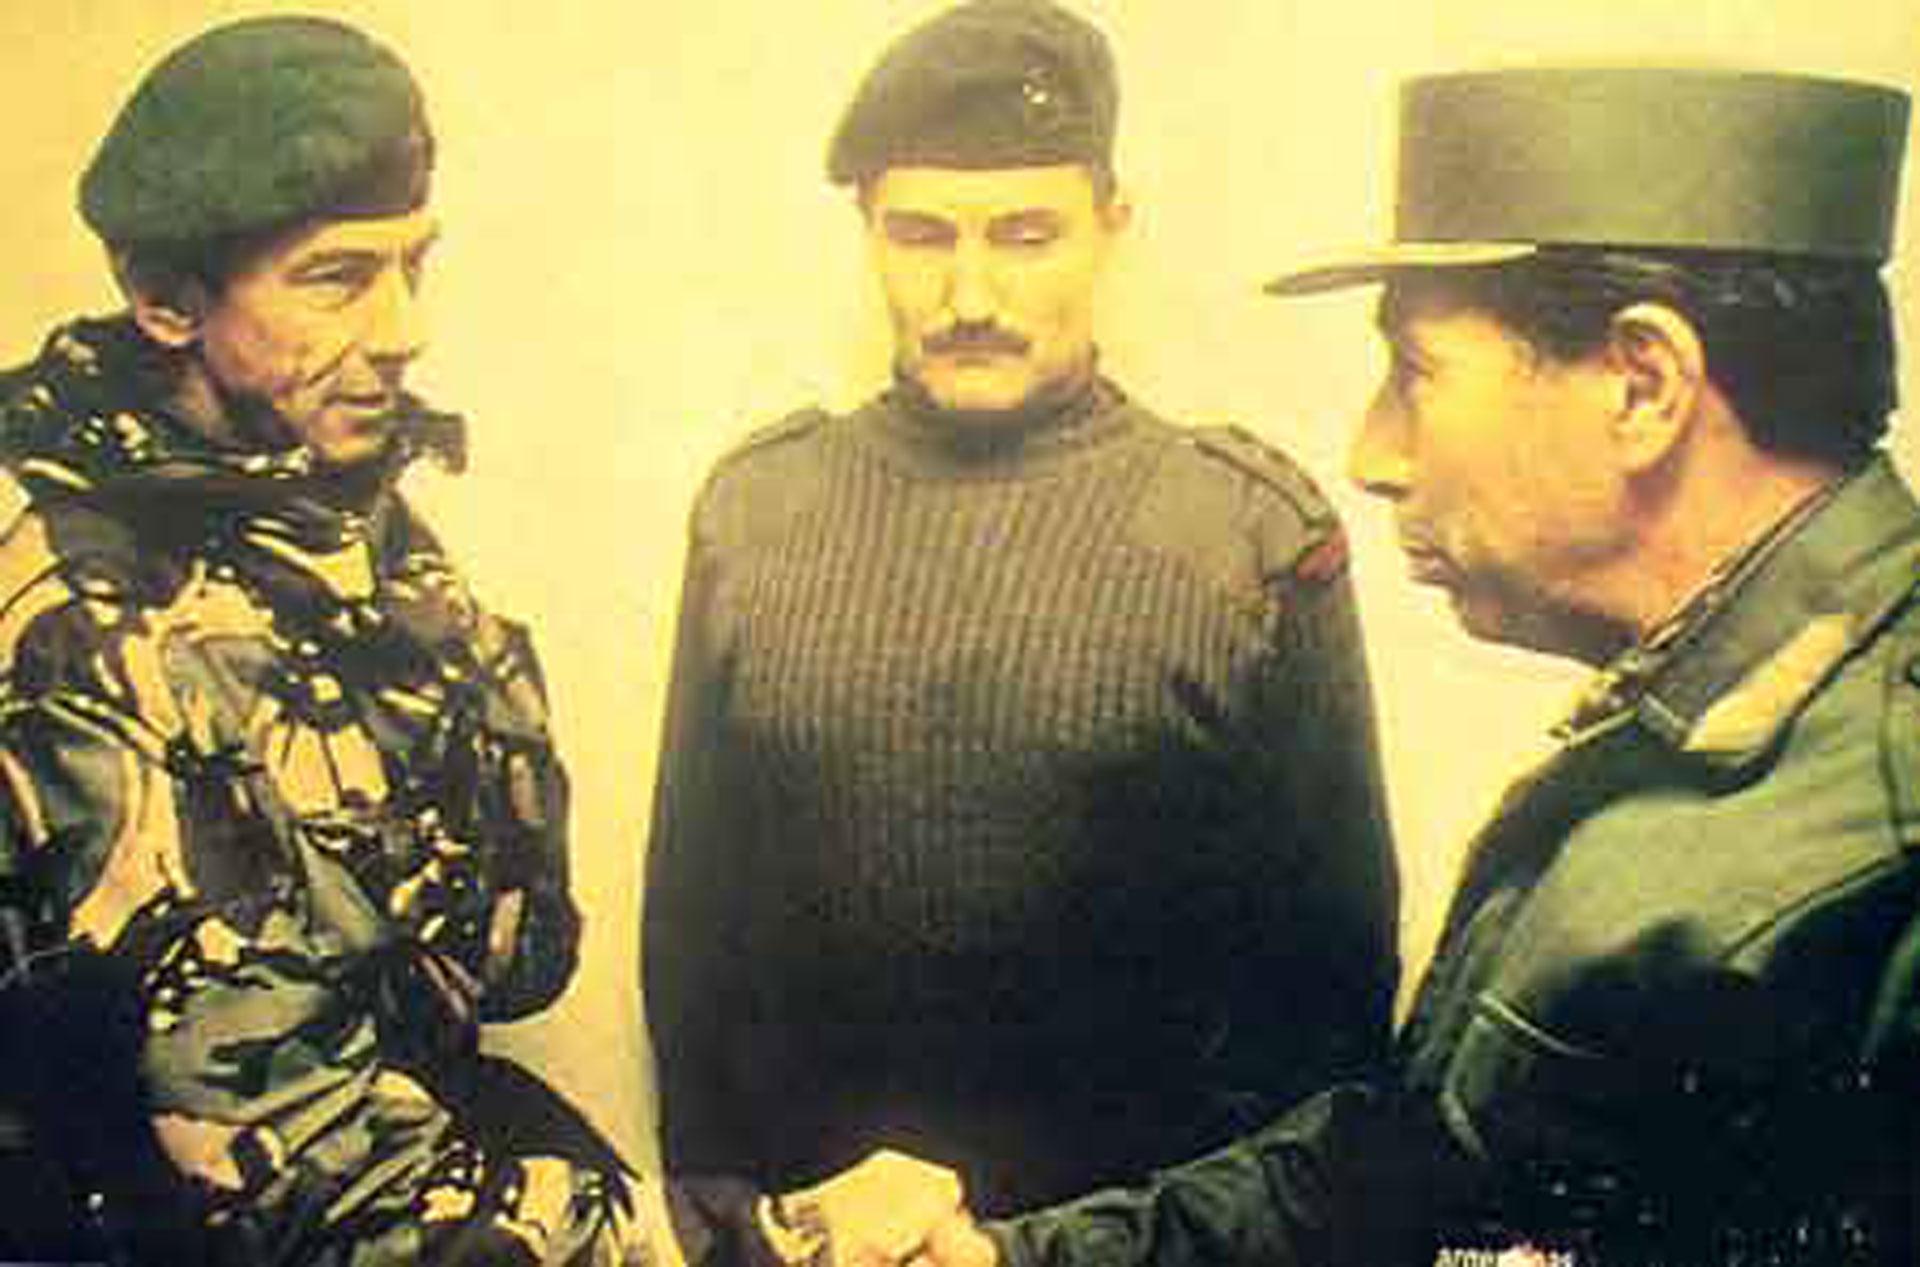 El General Mario Menéndez firma la rendición ante el comandante británico, General Jeremy Moore. El documento está en exhibición en el Museo Imperial de la Guerra en Londres